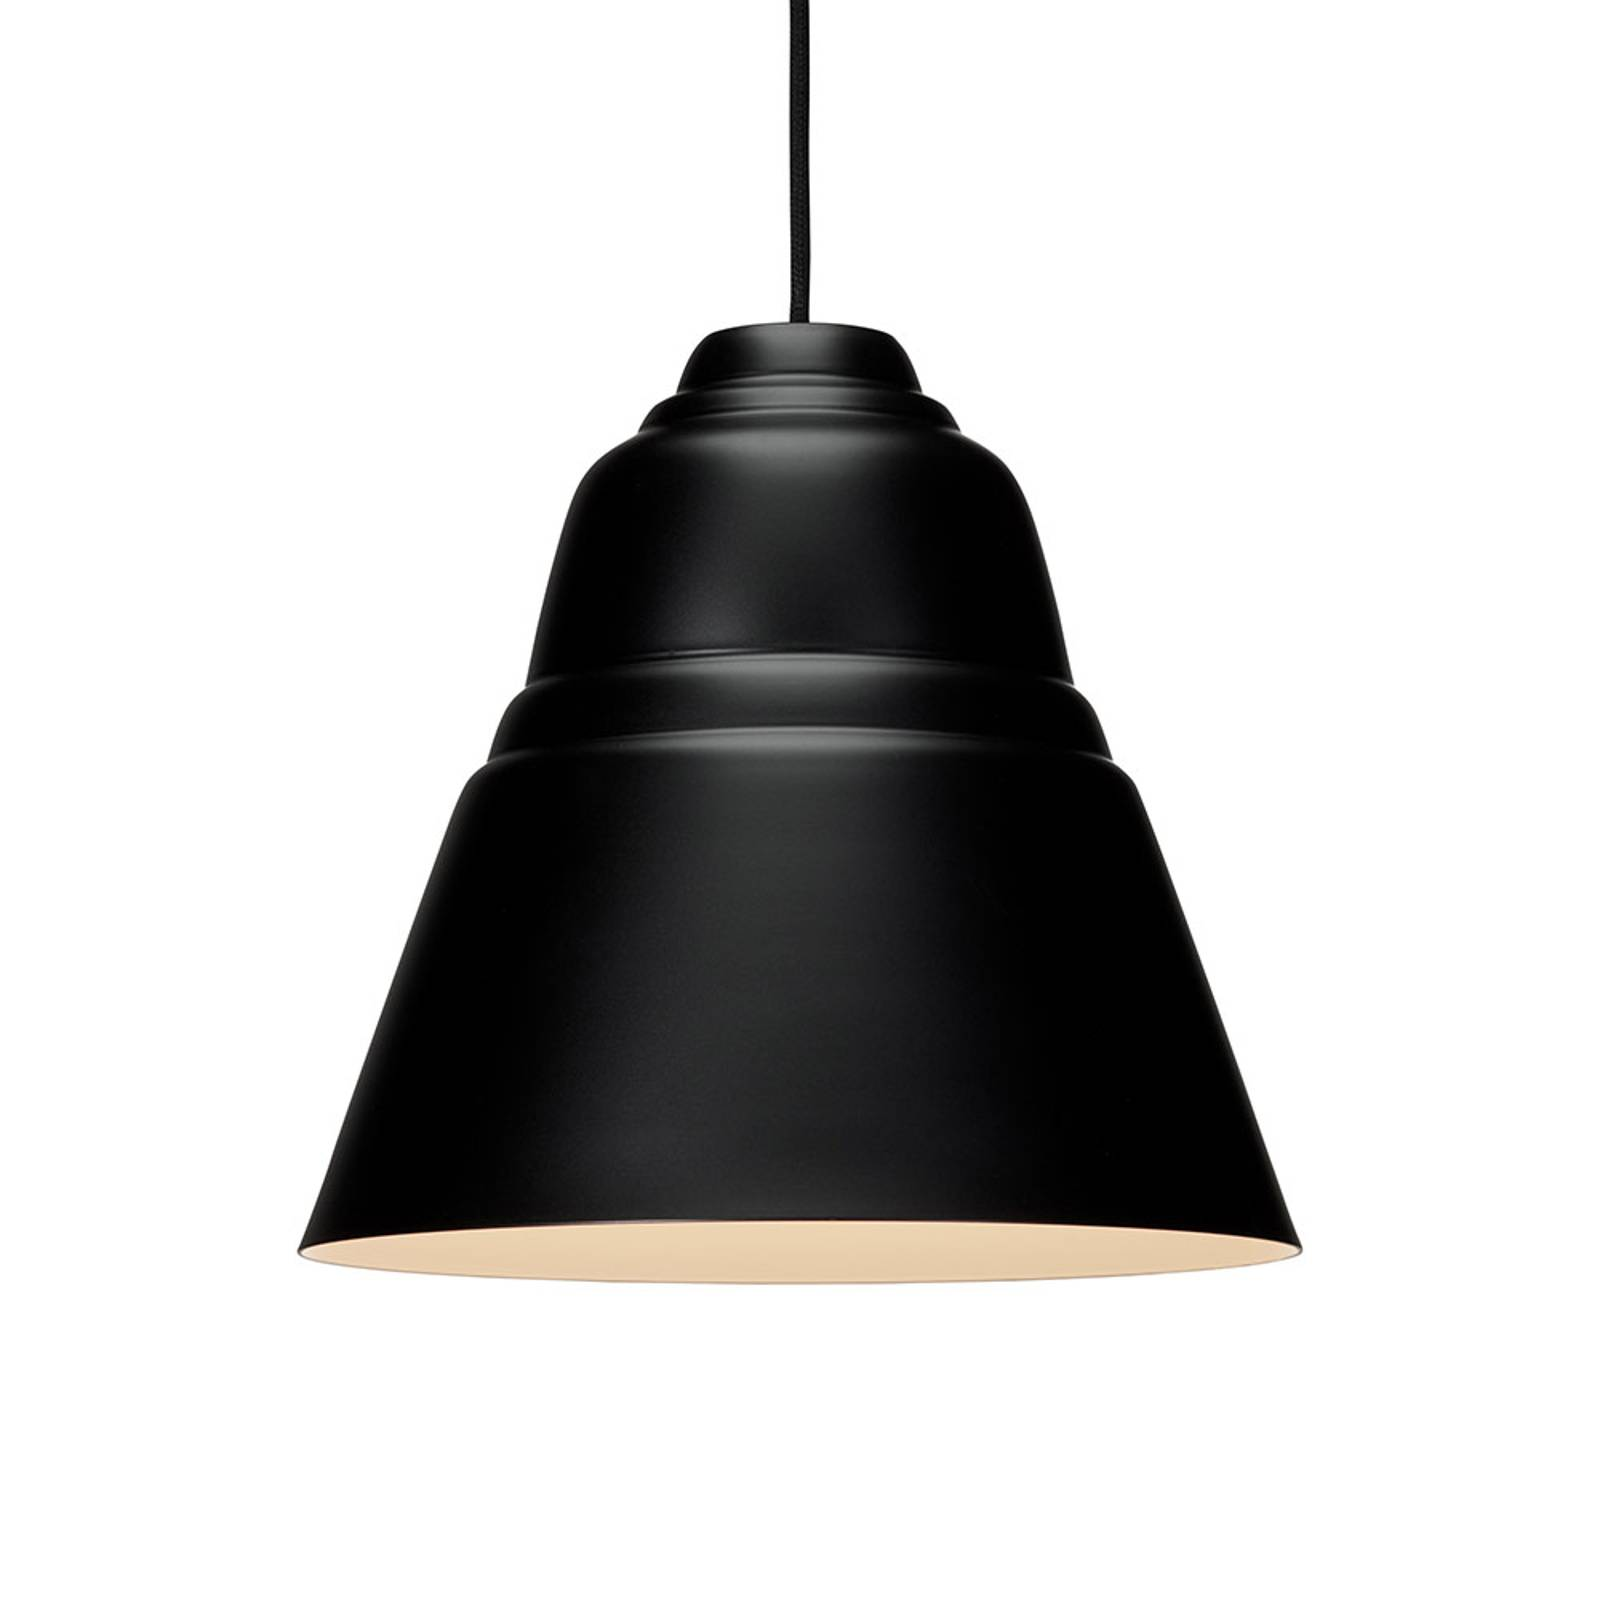 Lampa wisząca Relief z metalowym kloszem, czarna